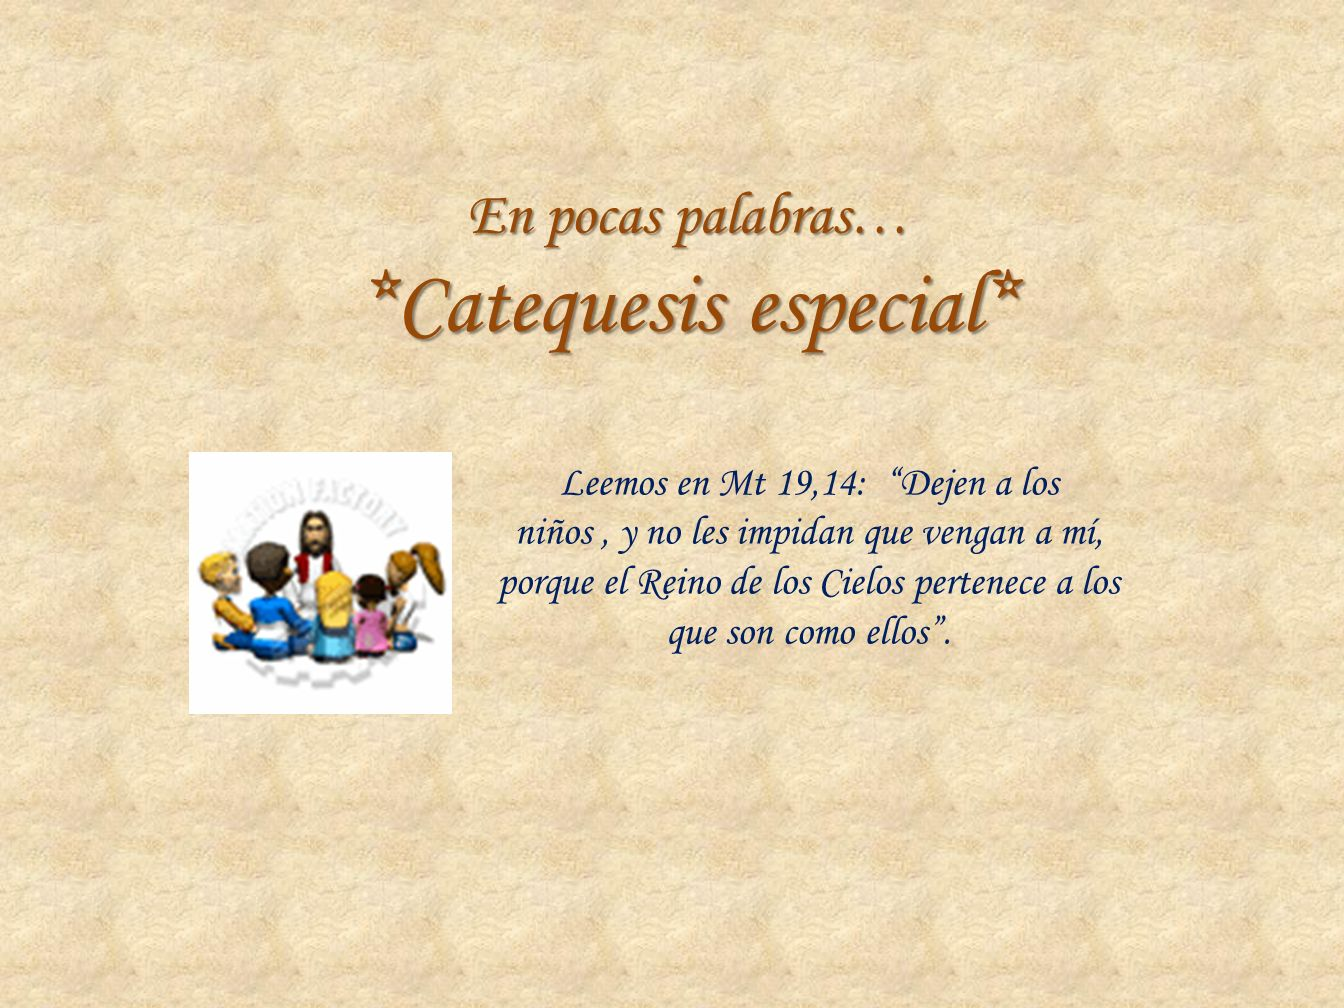 En pocas palabras… *Catequesis especial* Leemos en Mt 19,14: Dejen a los niños, y no les impidan que vengan a mí, porque el Reino de los Cielos perten